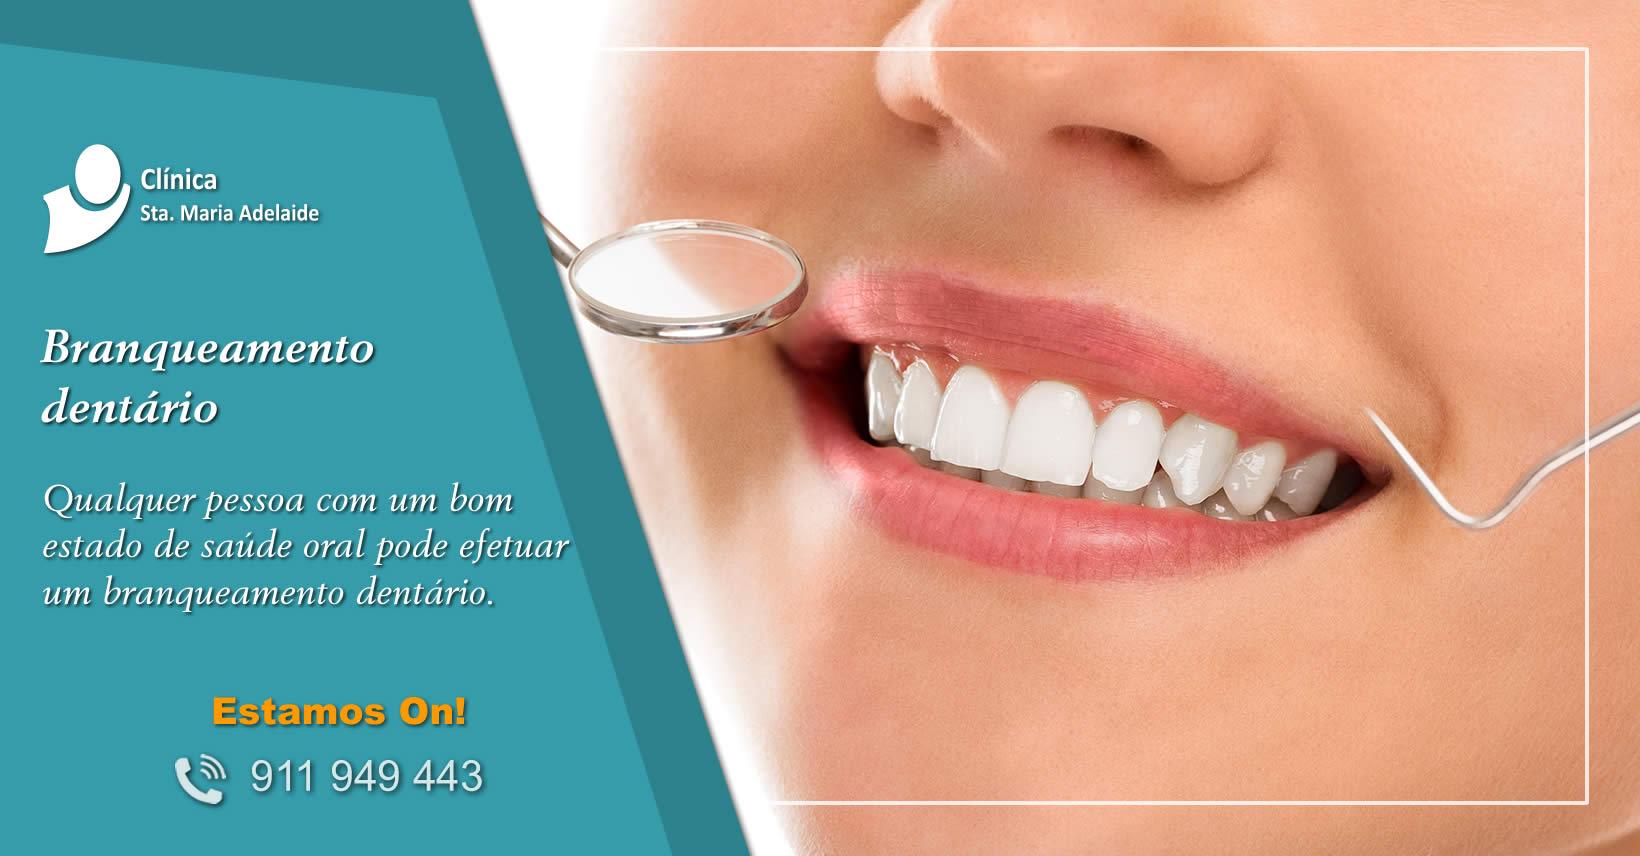 Branqueamento dentário Clinica Dentres Porto Gaia